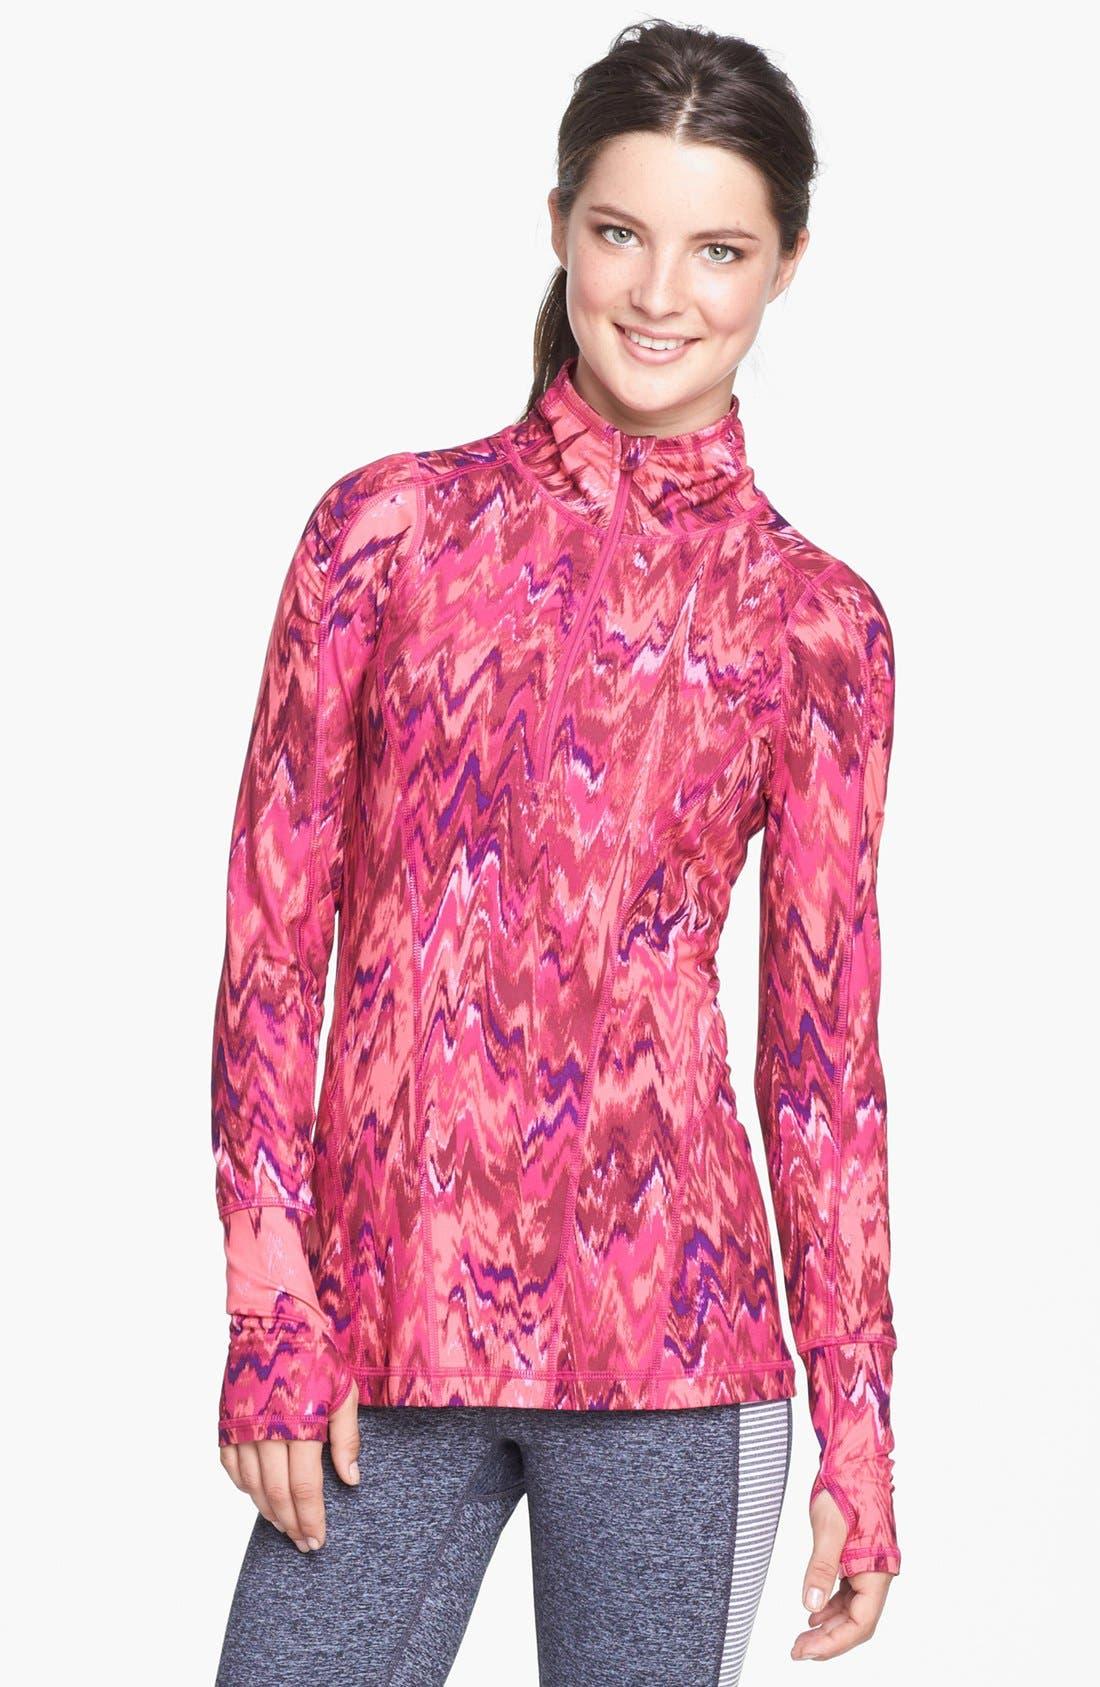 Main Image - Zella 'Good Sport' Half Zip Pullover